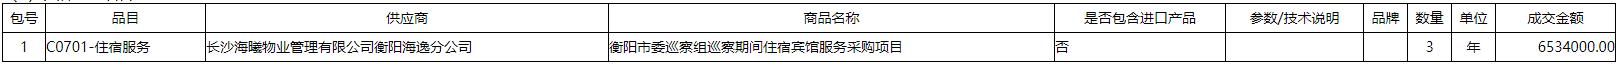 微信截图_20210115163602.png